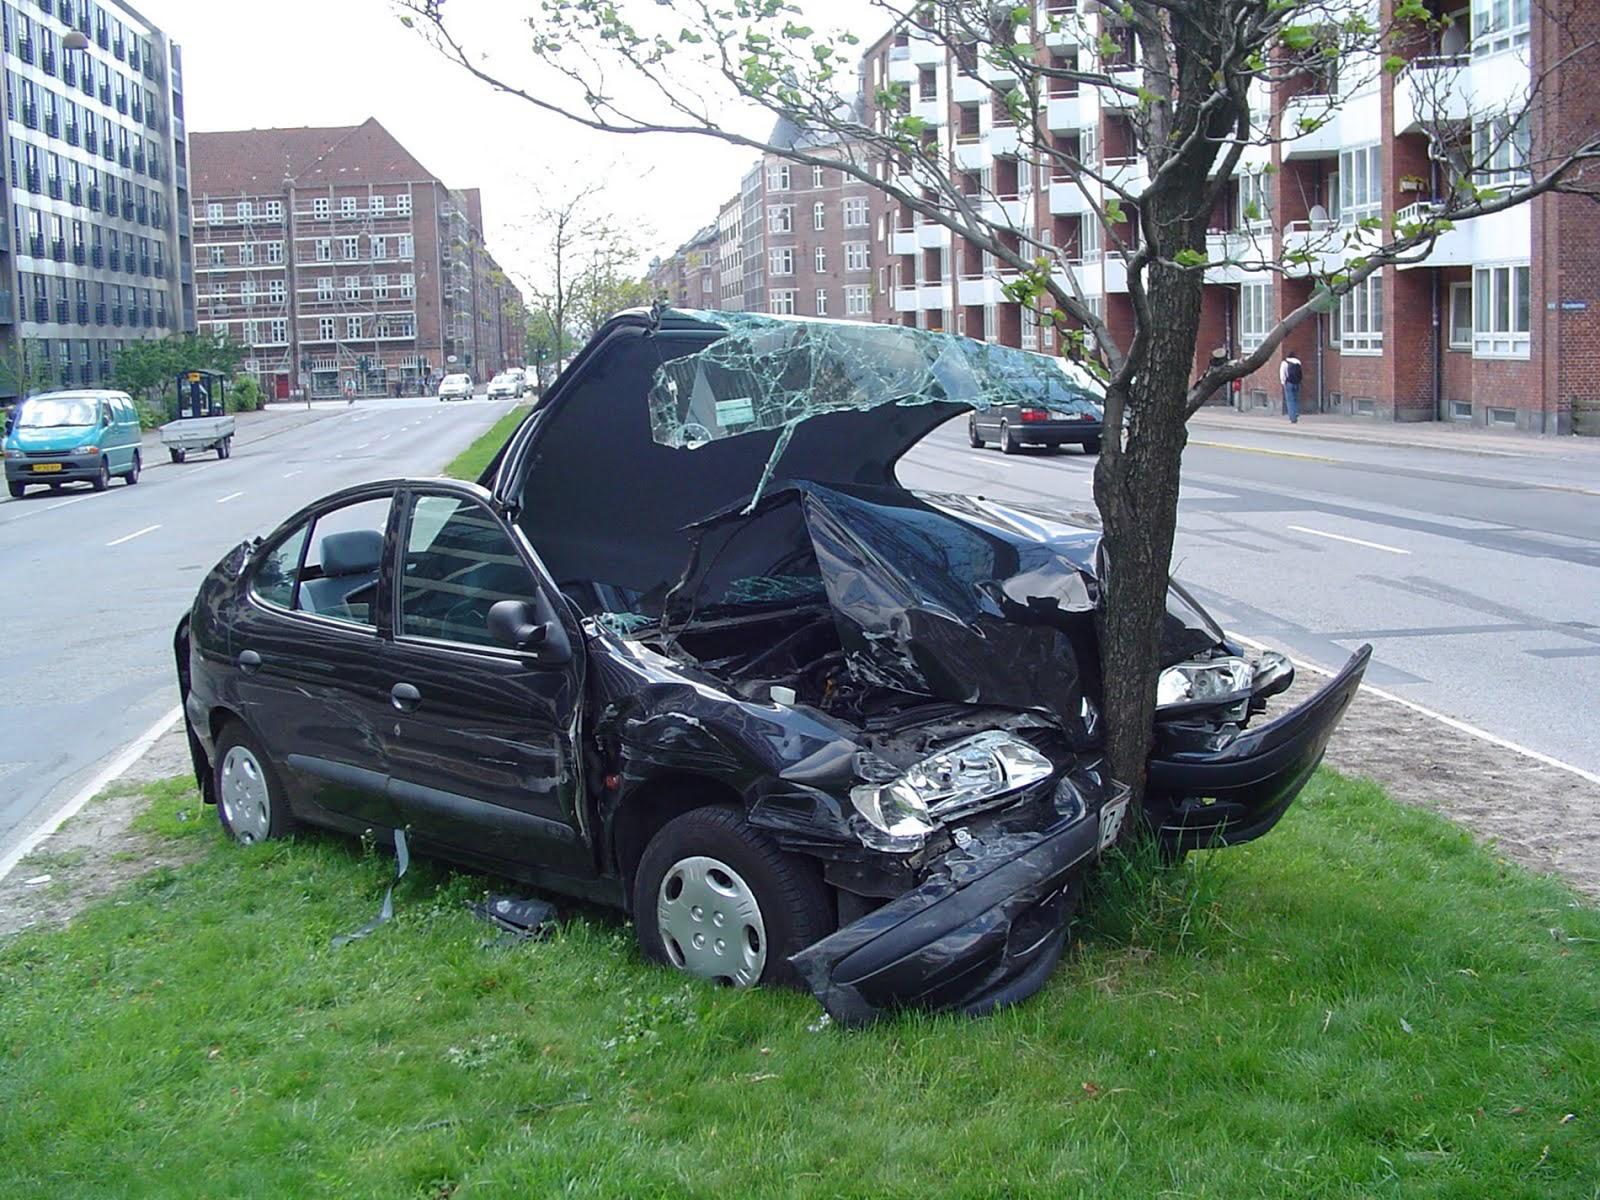 pics of bad car accidents